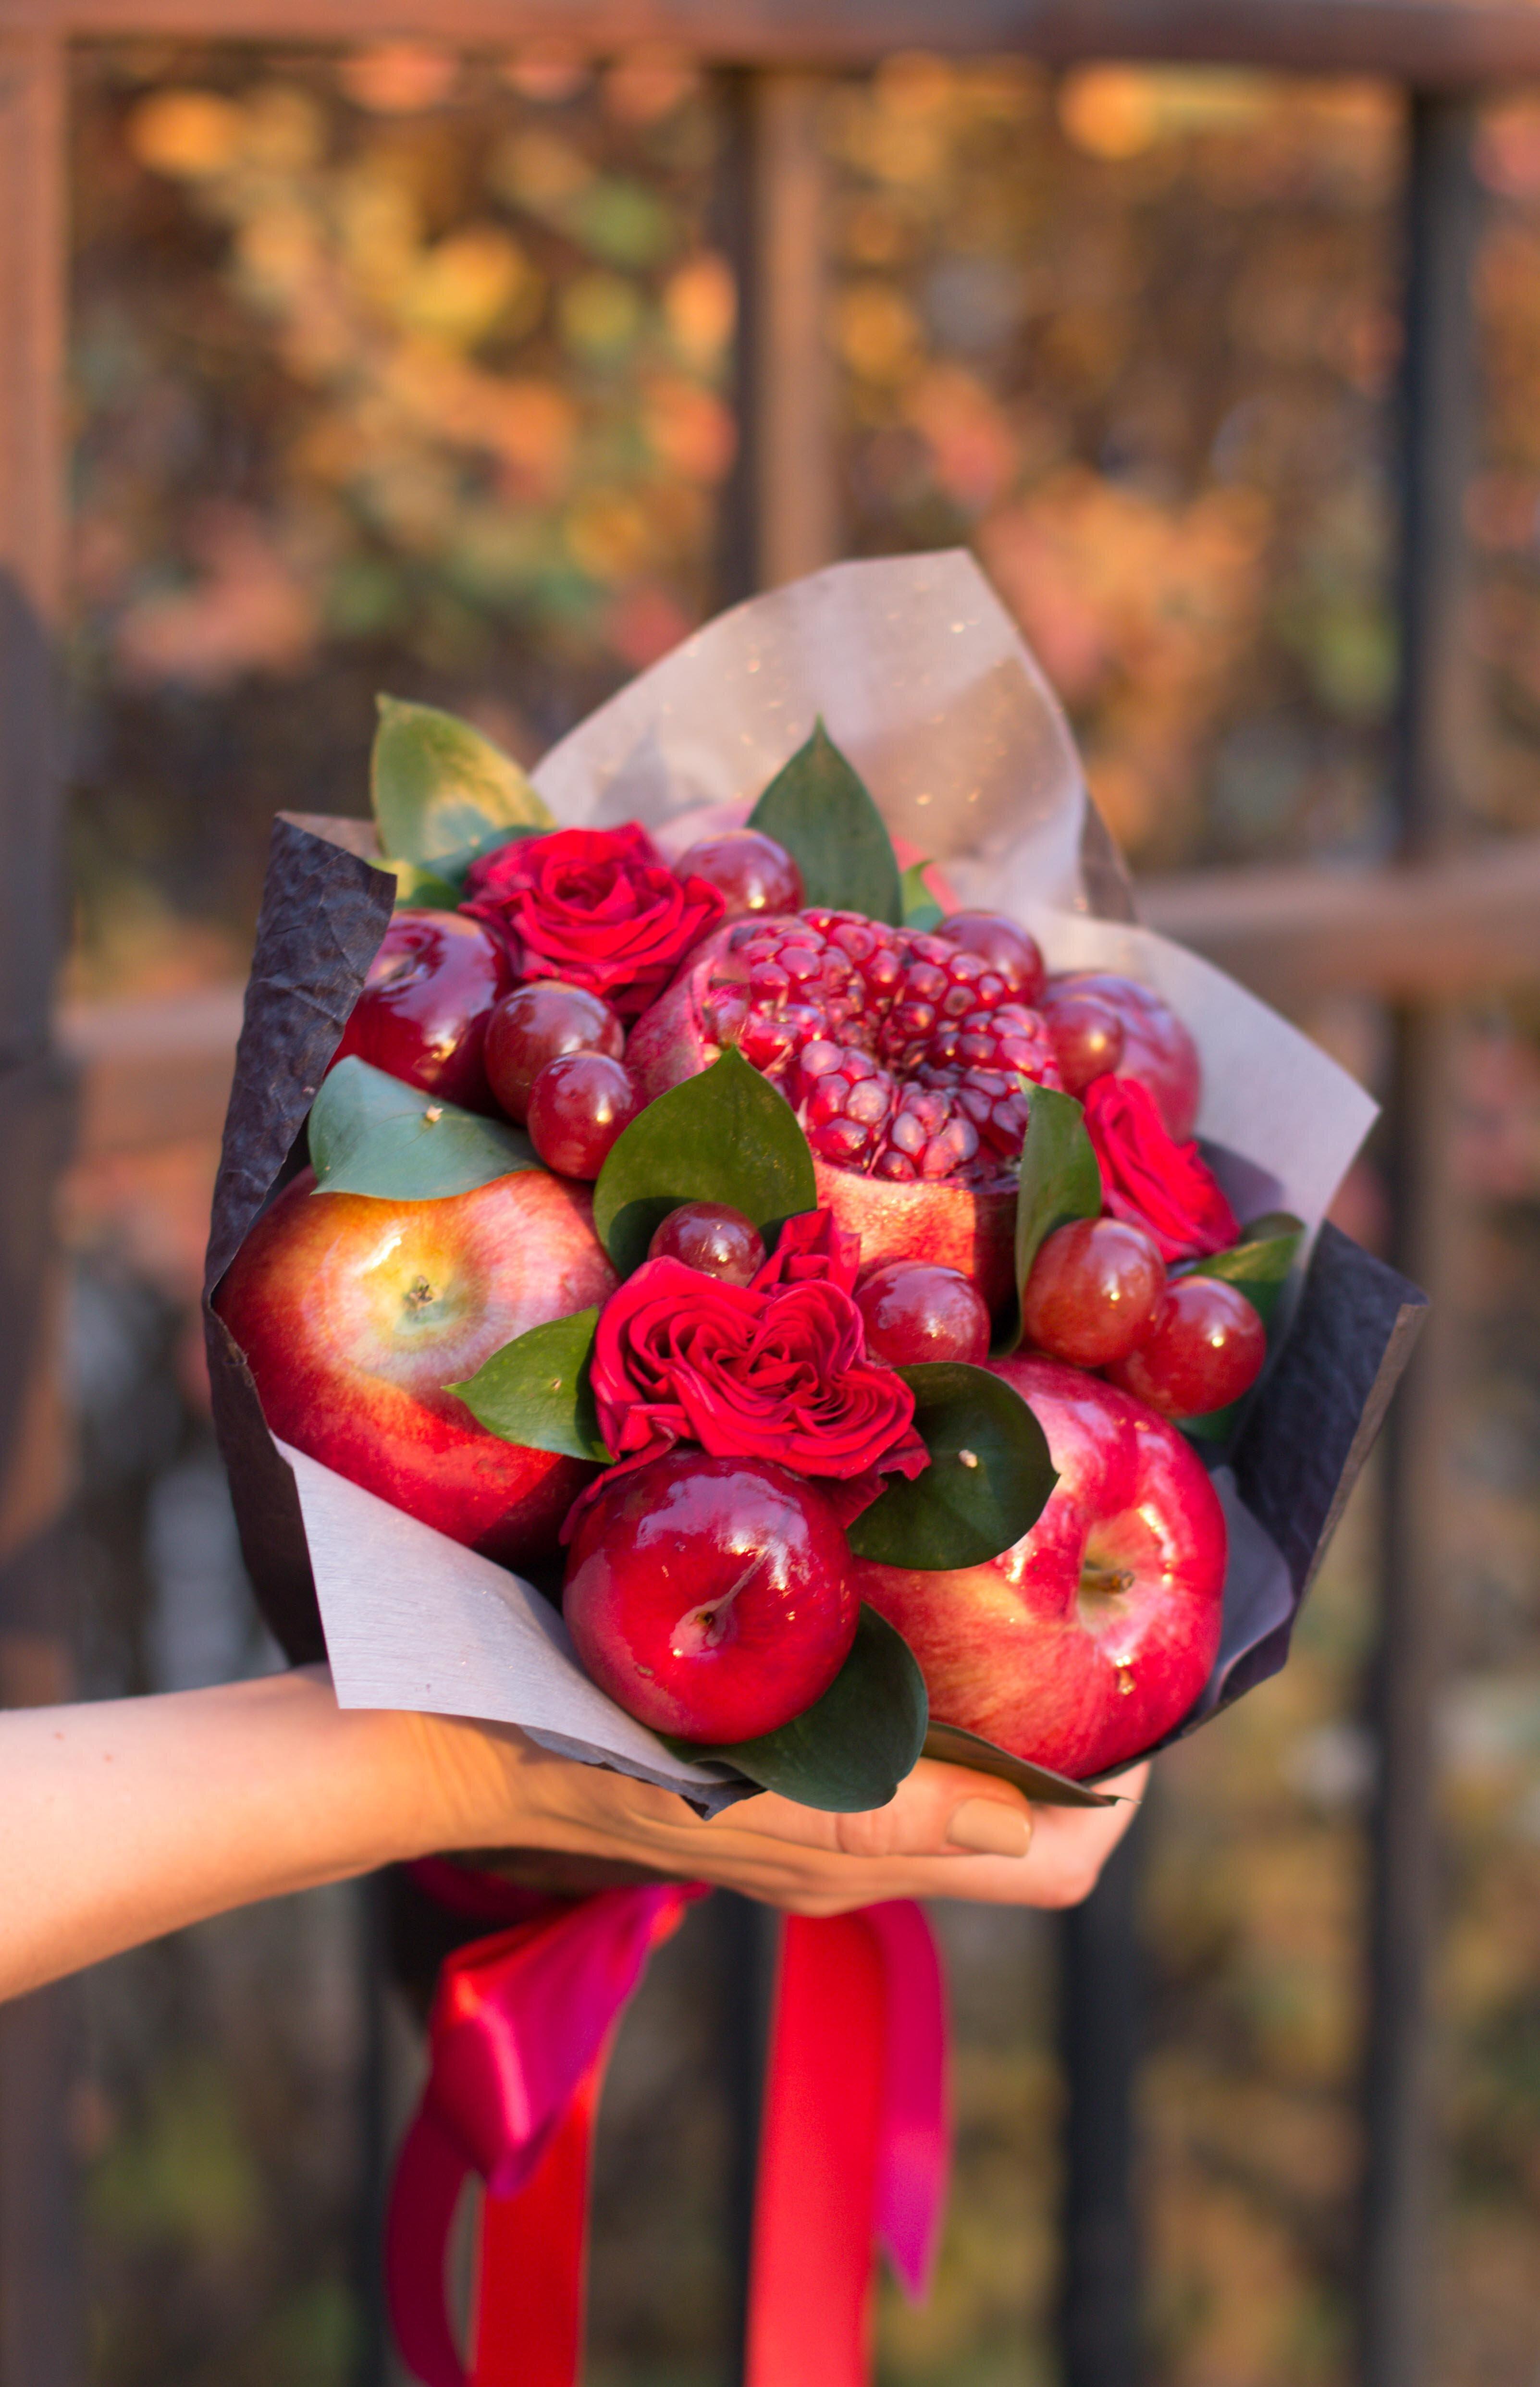 Цветов, фруктовые букеты на заказ